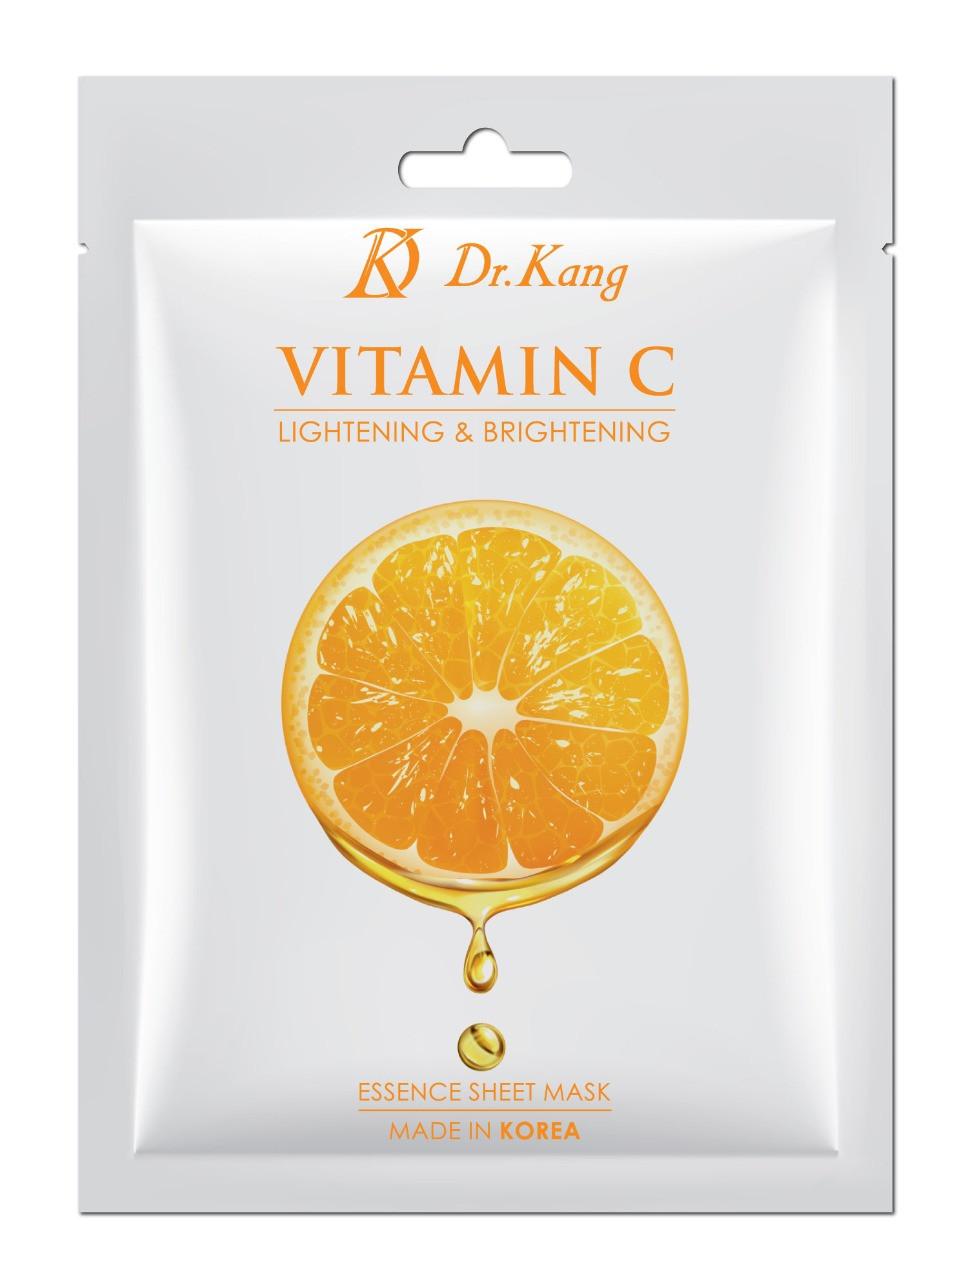 Dr.Kang Тканевая Маска с Витамином С Vitamin C Essence Sheet Mask (Lightening & Brightening)